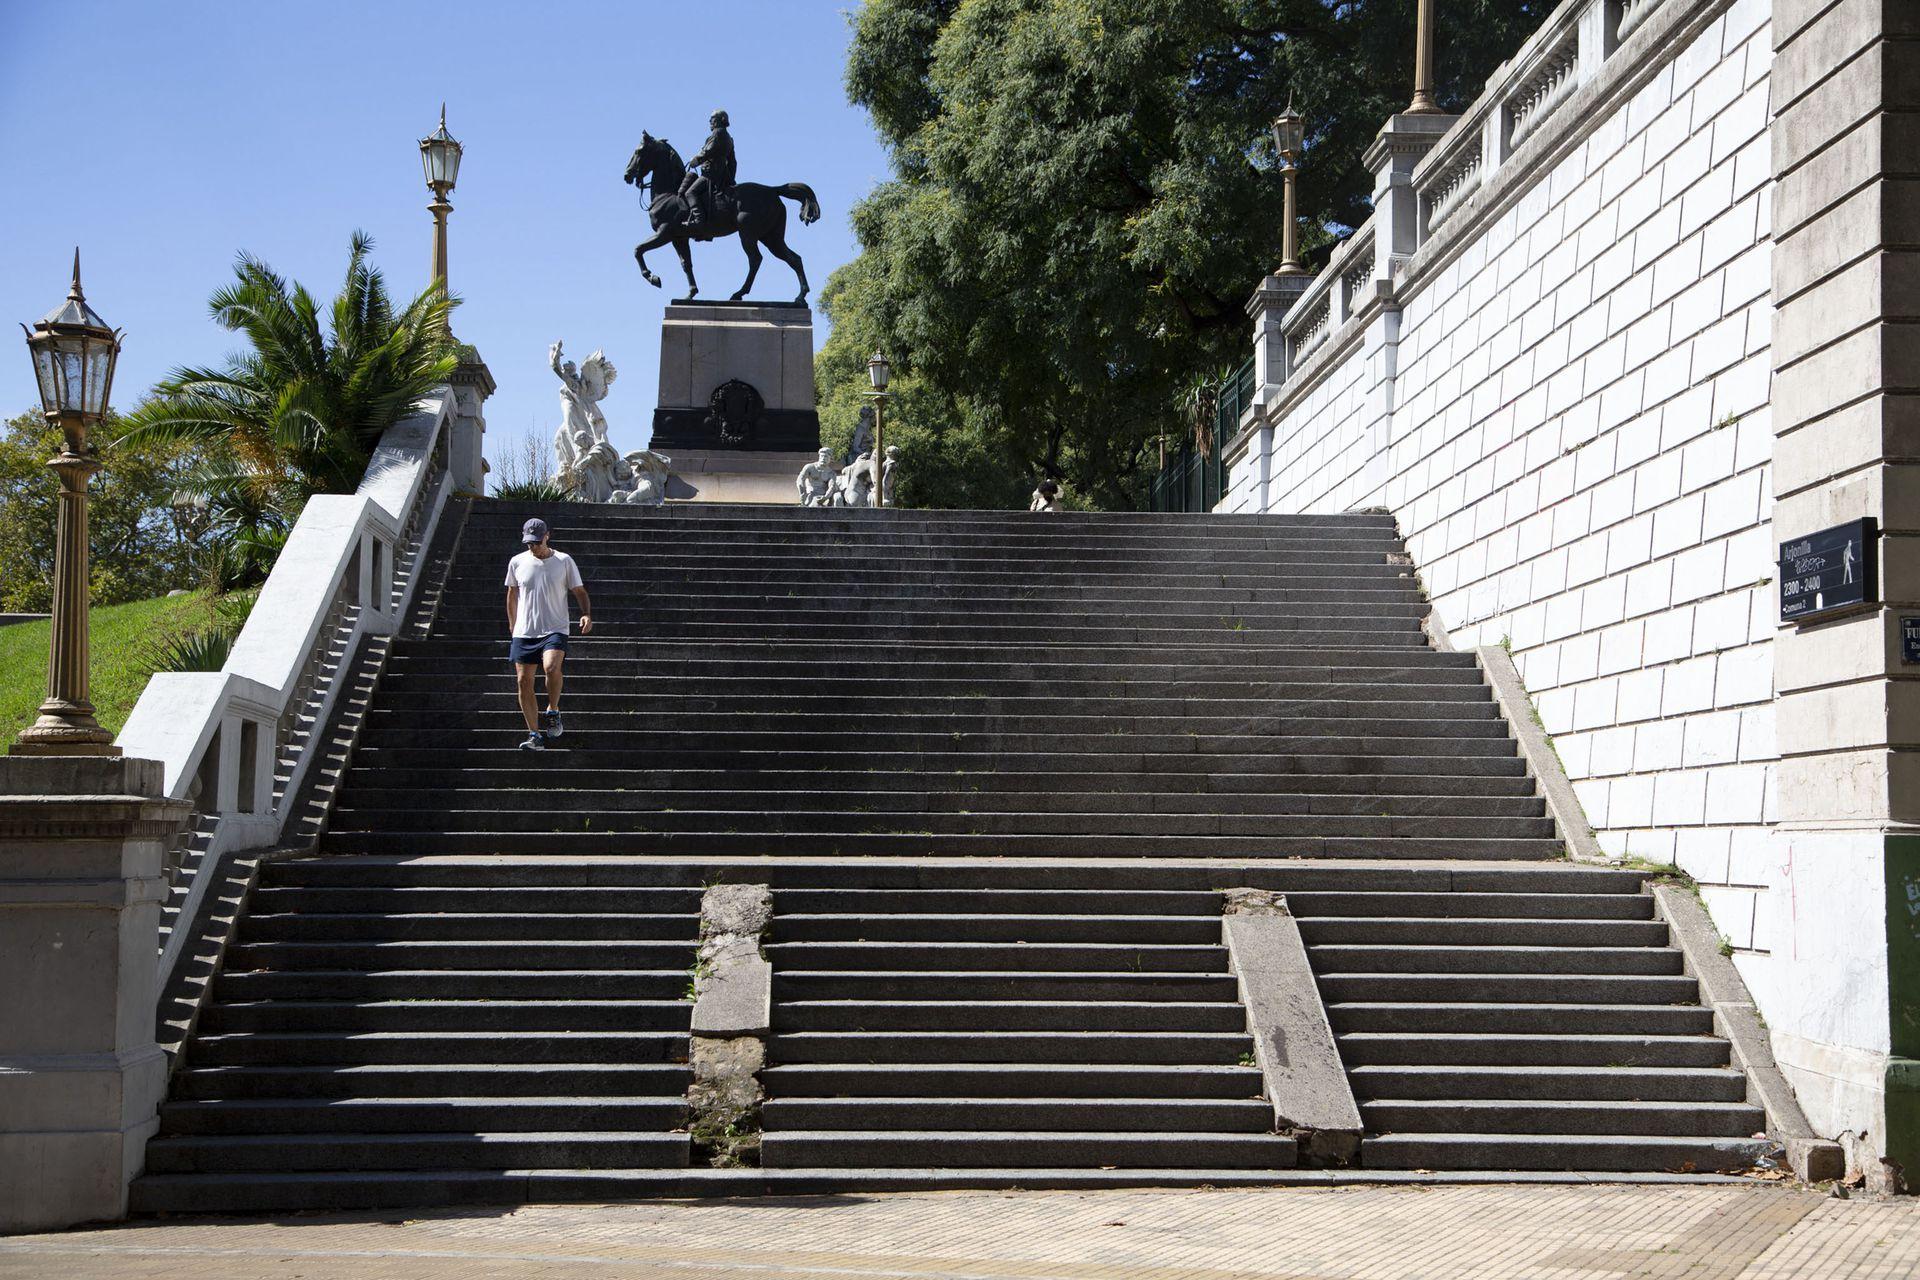 Arjonilla es corta arteria porteña, que nace a lo alto junto al Monumento a Bartolomé Mitre